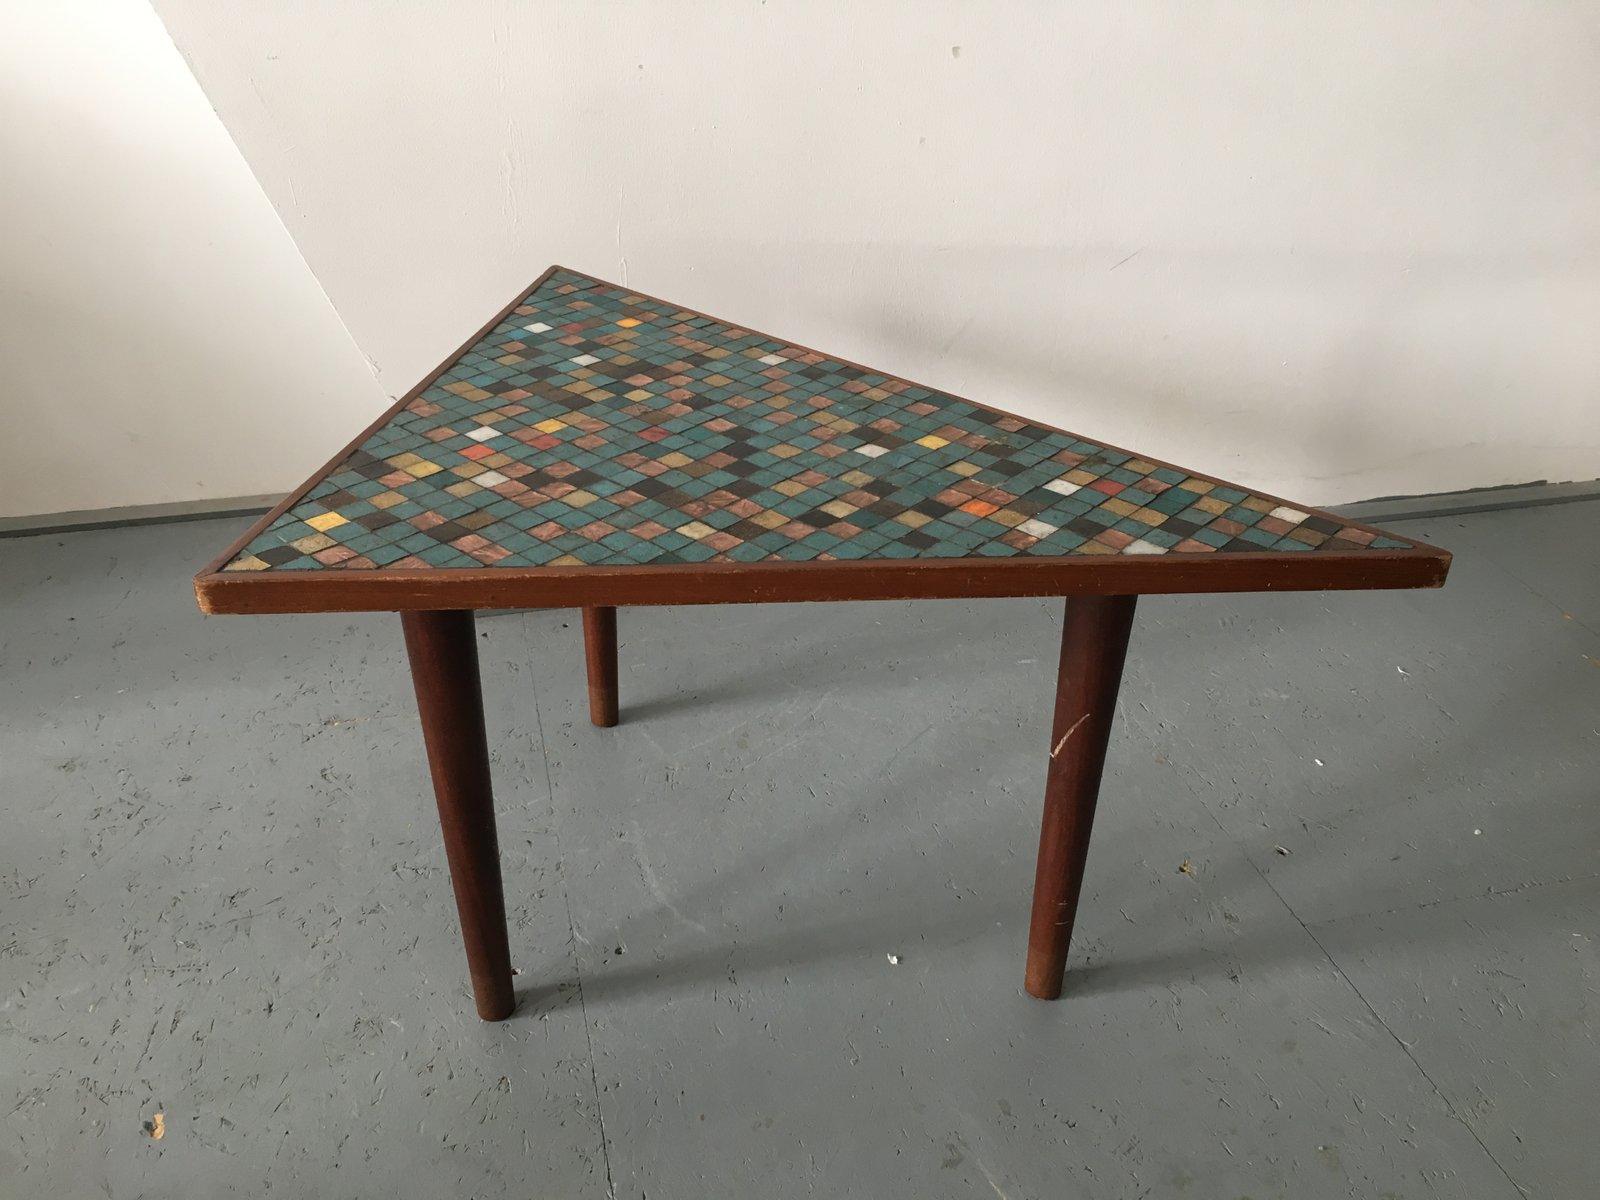 Vintage Wood Mosaic Coffee Table